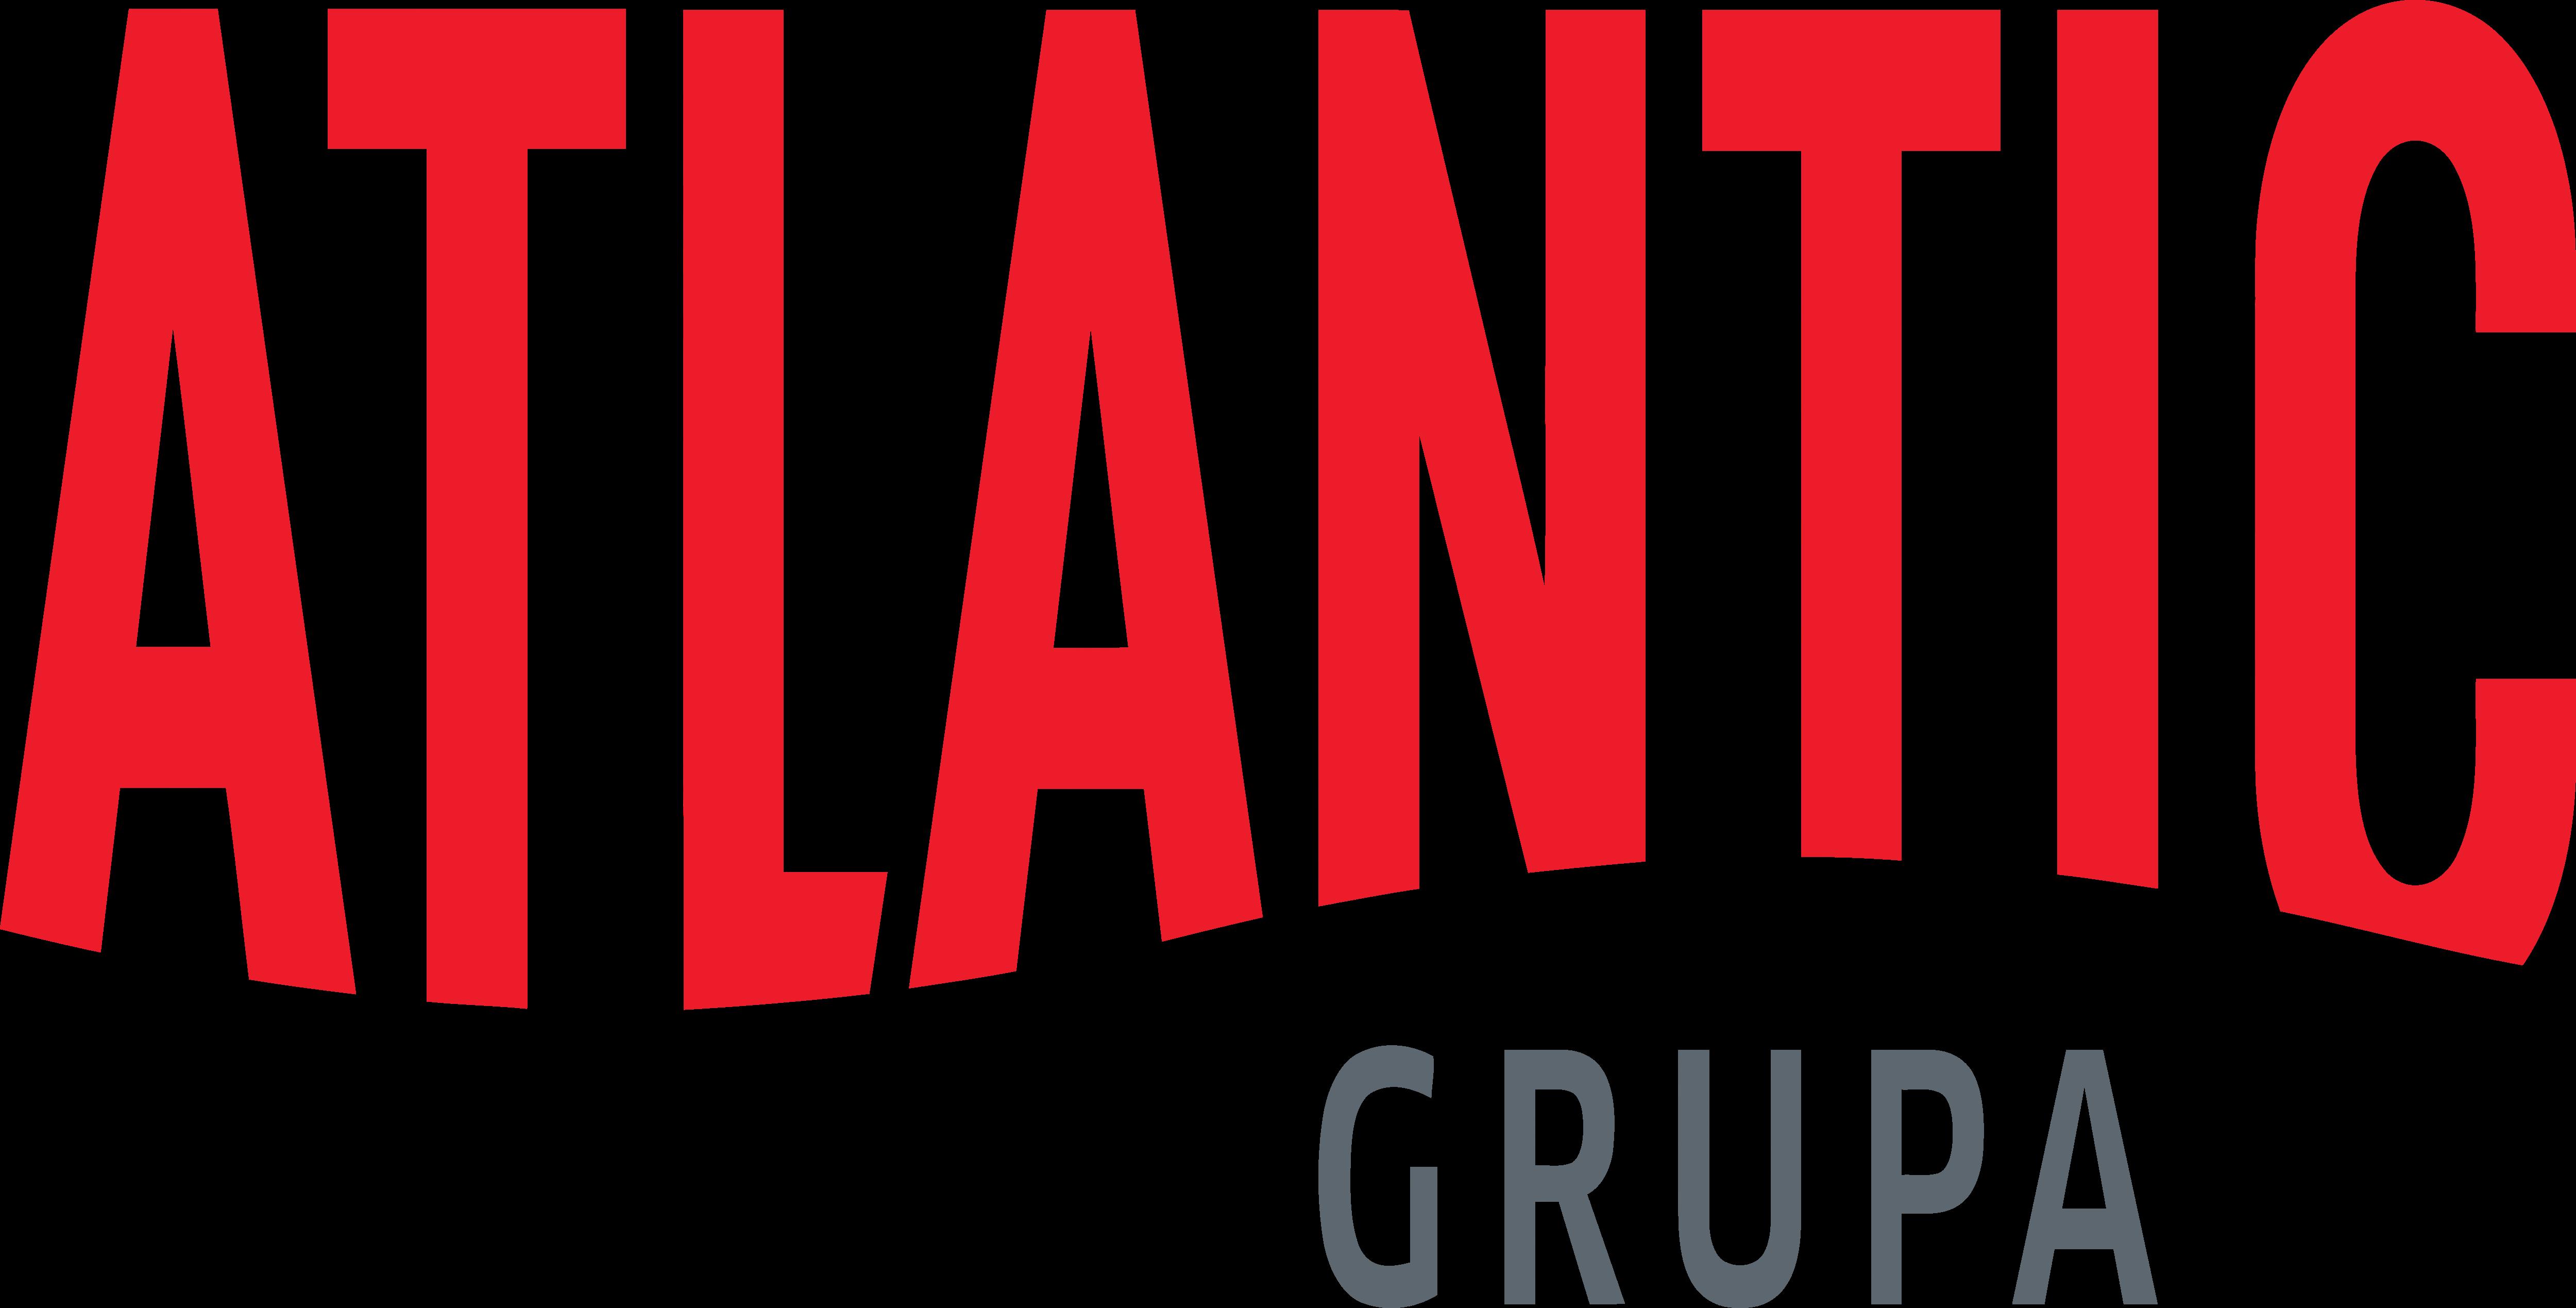 Atlantic_Grupa_d.d._Logo